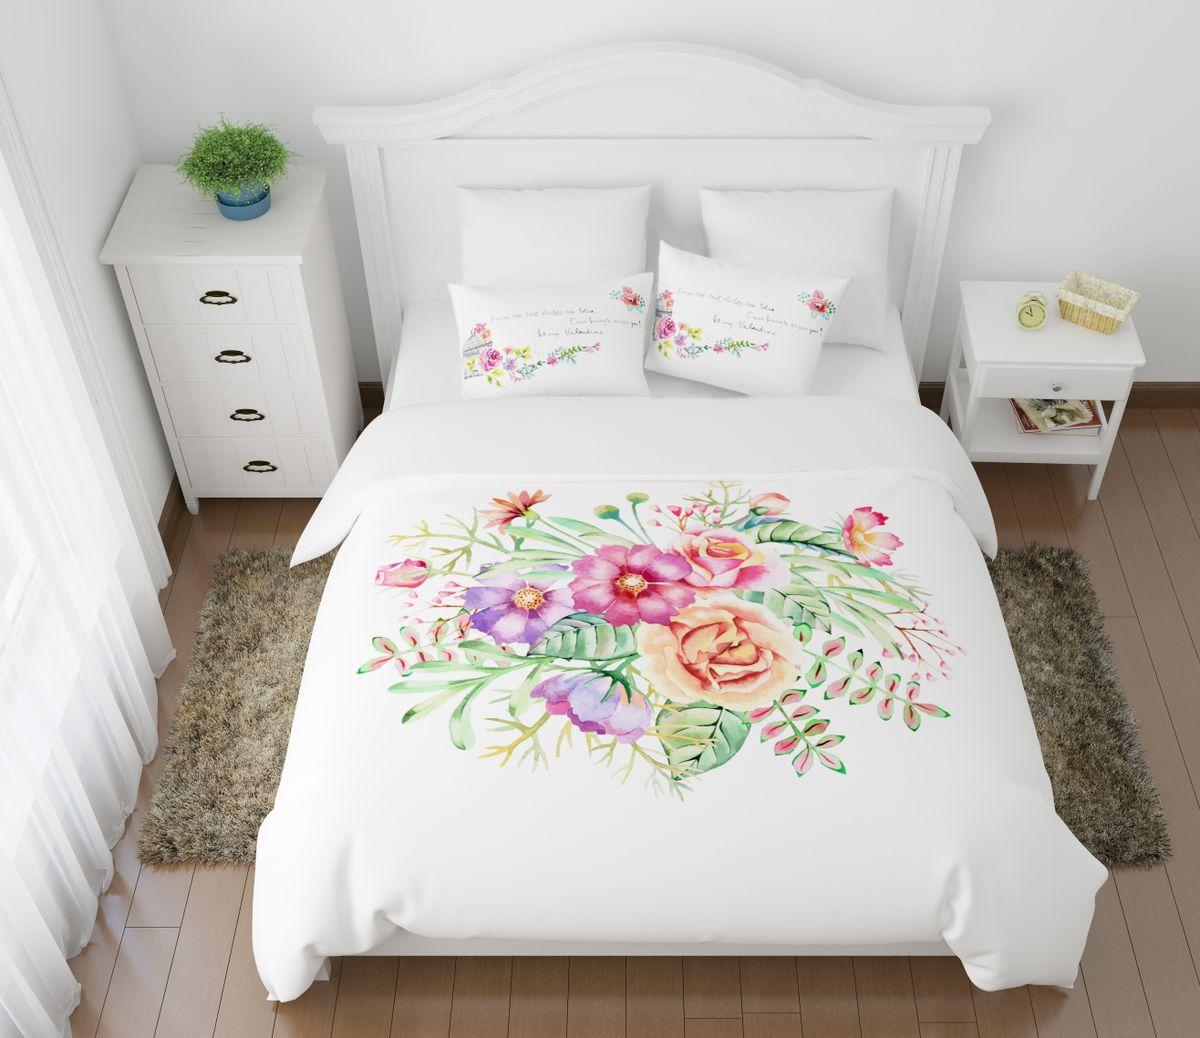 Комплект белья Сирень Вальс цветов, 2-спальный, наволочки 50х7008616-КПБ2-МКомплект постельного белья Сирень выполнен из прочной и мягкой ткани. Четкий и стильный рисунок в сочетании с насыщенными красками делают комплект постельного белья неповторимой изюминкой любого интерьера.Постельное белье идеально подойдет для подарка. Идеальное соотношение смешенной ткани и гипоаллергенных красок - это гарантия здорового, спокойного сна. Ткань хорошо впитывает влагу, надолго сохраняет яркость красок.В комплект входят: простынь, пододеяльник, две наволочки. Постельное белье легко стирать при 30-40°С, гладить при 150°С, не отбеливать. Рекомендуется перед первым использованием постирать.УВАЖАЕМЫЕ КЛИЕНТЫ! Обращаем ваше внимание, что цвет простыни, пододеяльника, наволочки в комплектации может немного отличаться от представленного на фото.